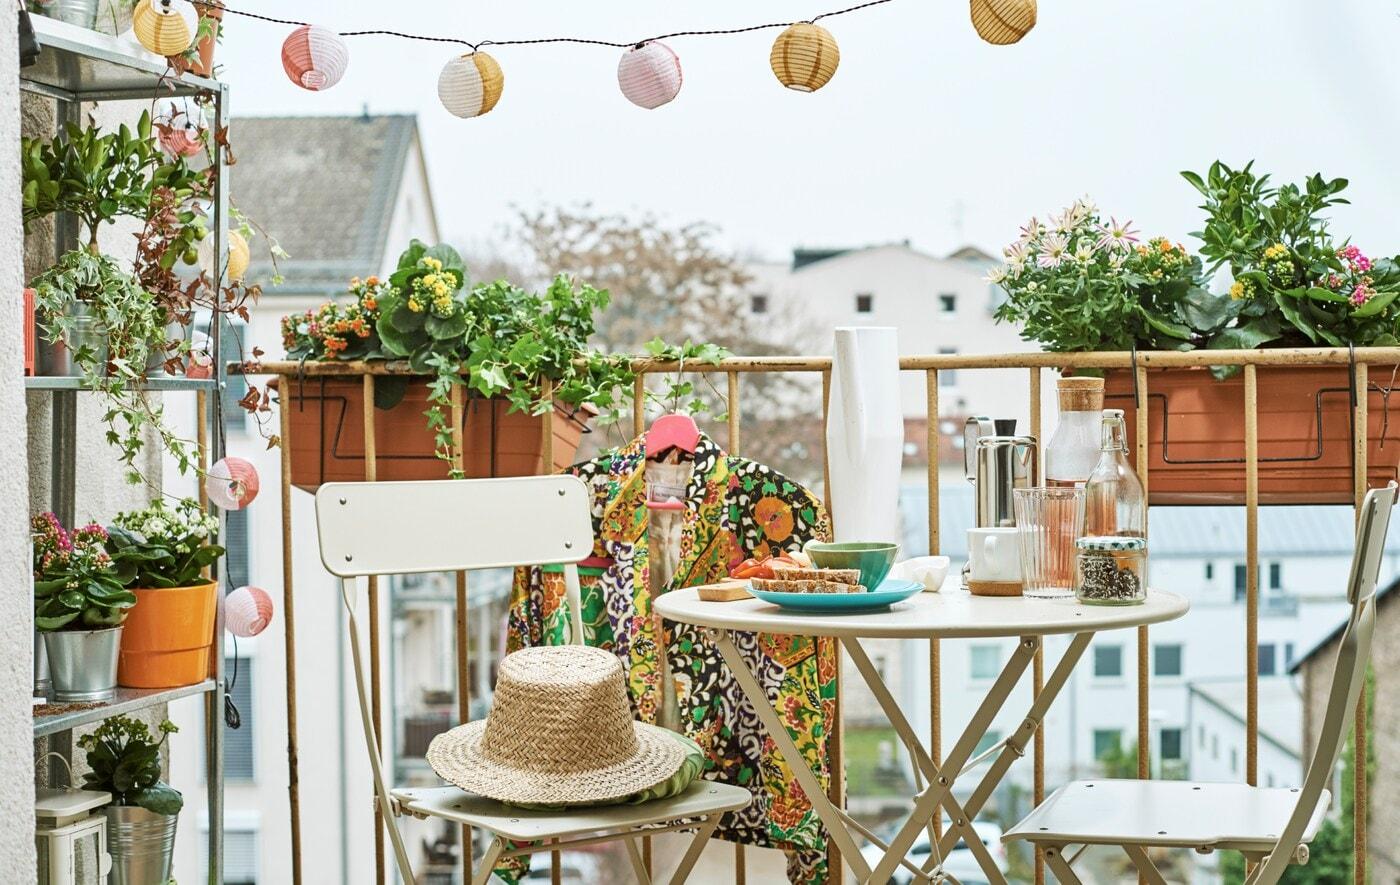 Městský balkon plný truhlíků s květinami, policovým dílem plným květin, venkovním osvětlením a stolkem s židlemi